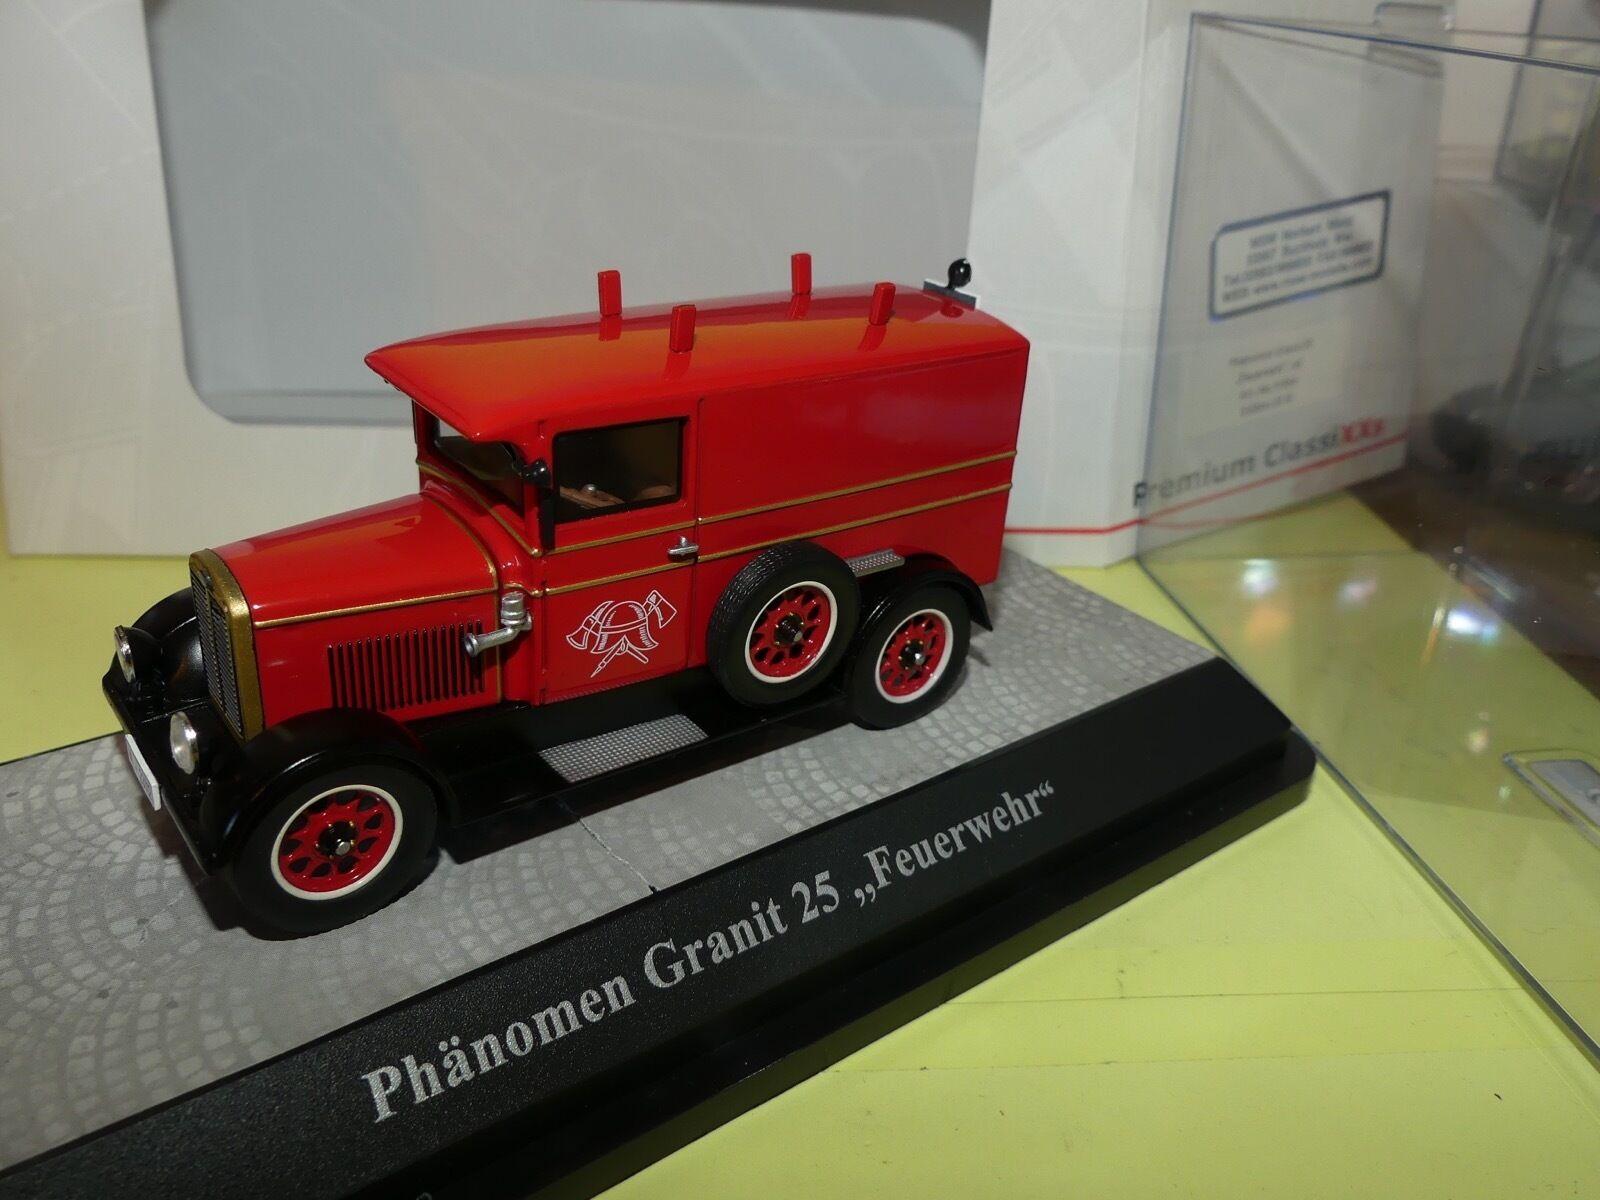 PHANOMEN GRANIT 25 FEUERWEHR Pompiers PREMIUM CLASSIXXS 11554 1 43